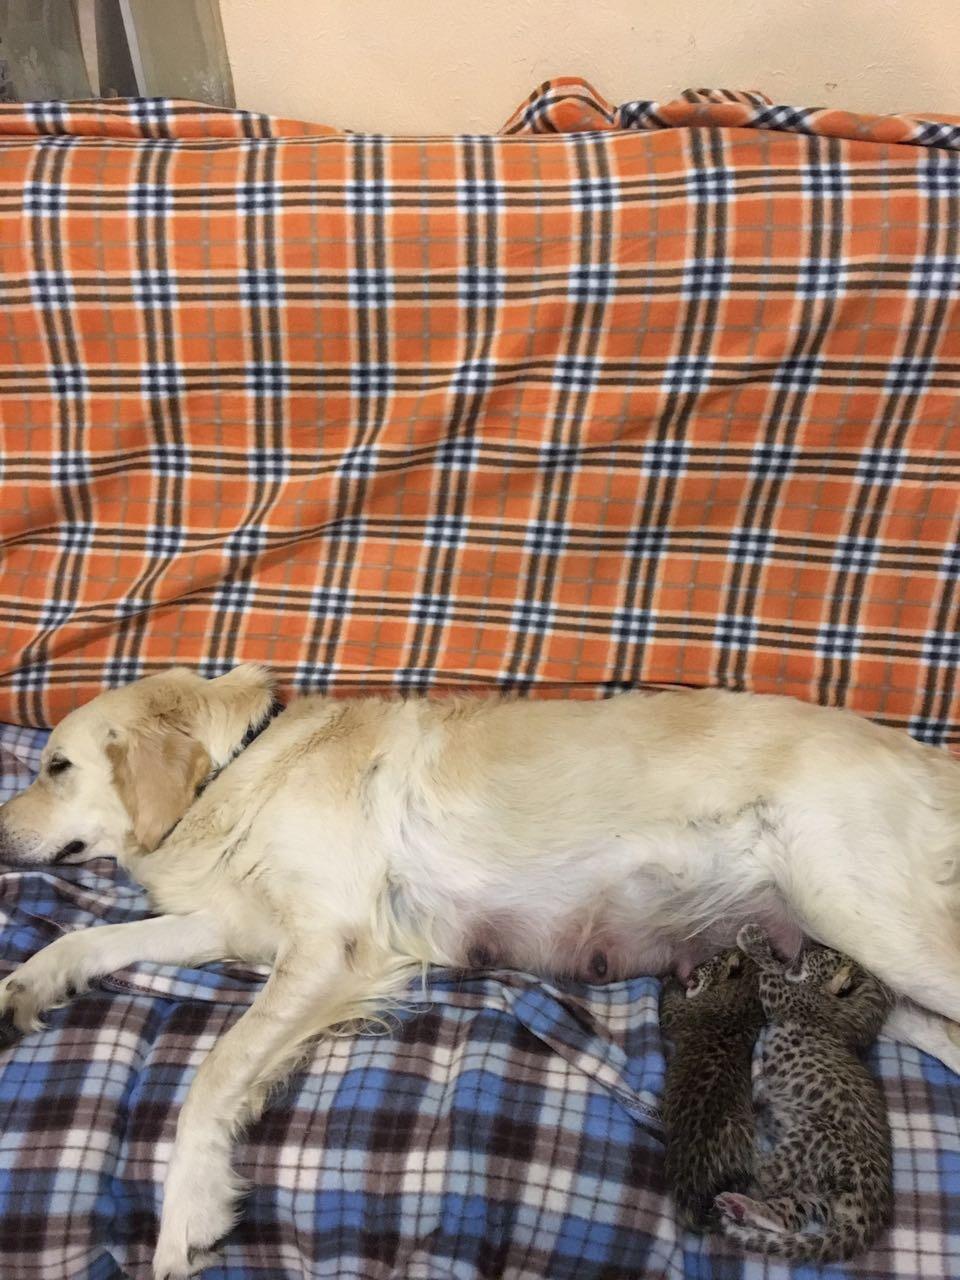 Russia Tessi Il Cane Adotta Due Cuccioli Di Leopardo Tgcom24